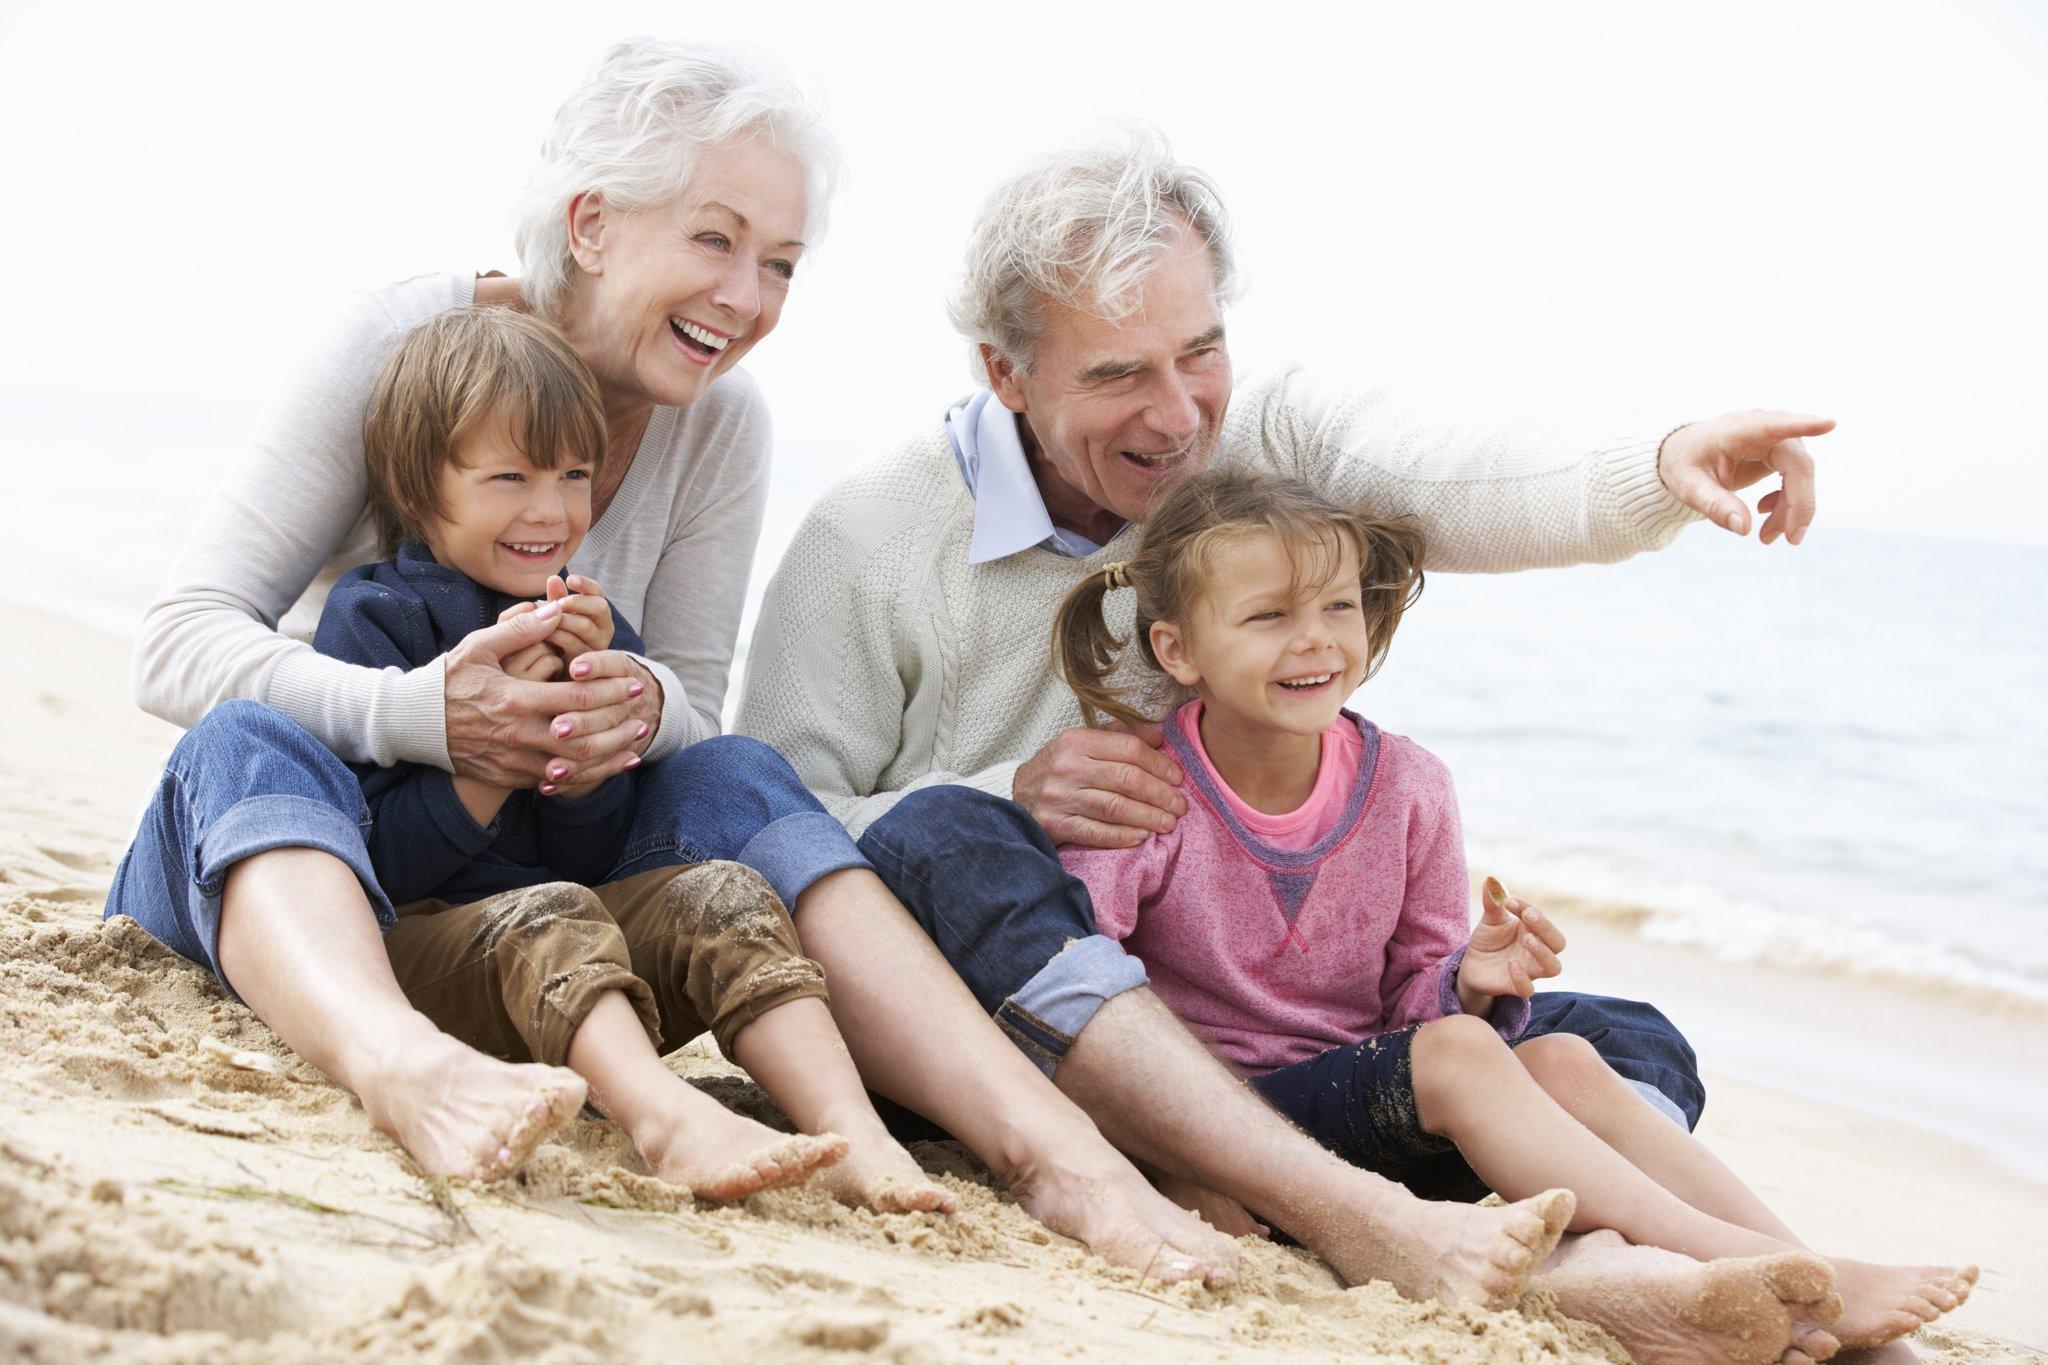 Festa dei nonni - immagine nonni e nipoti